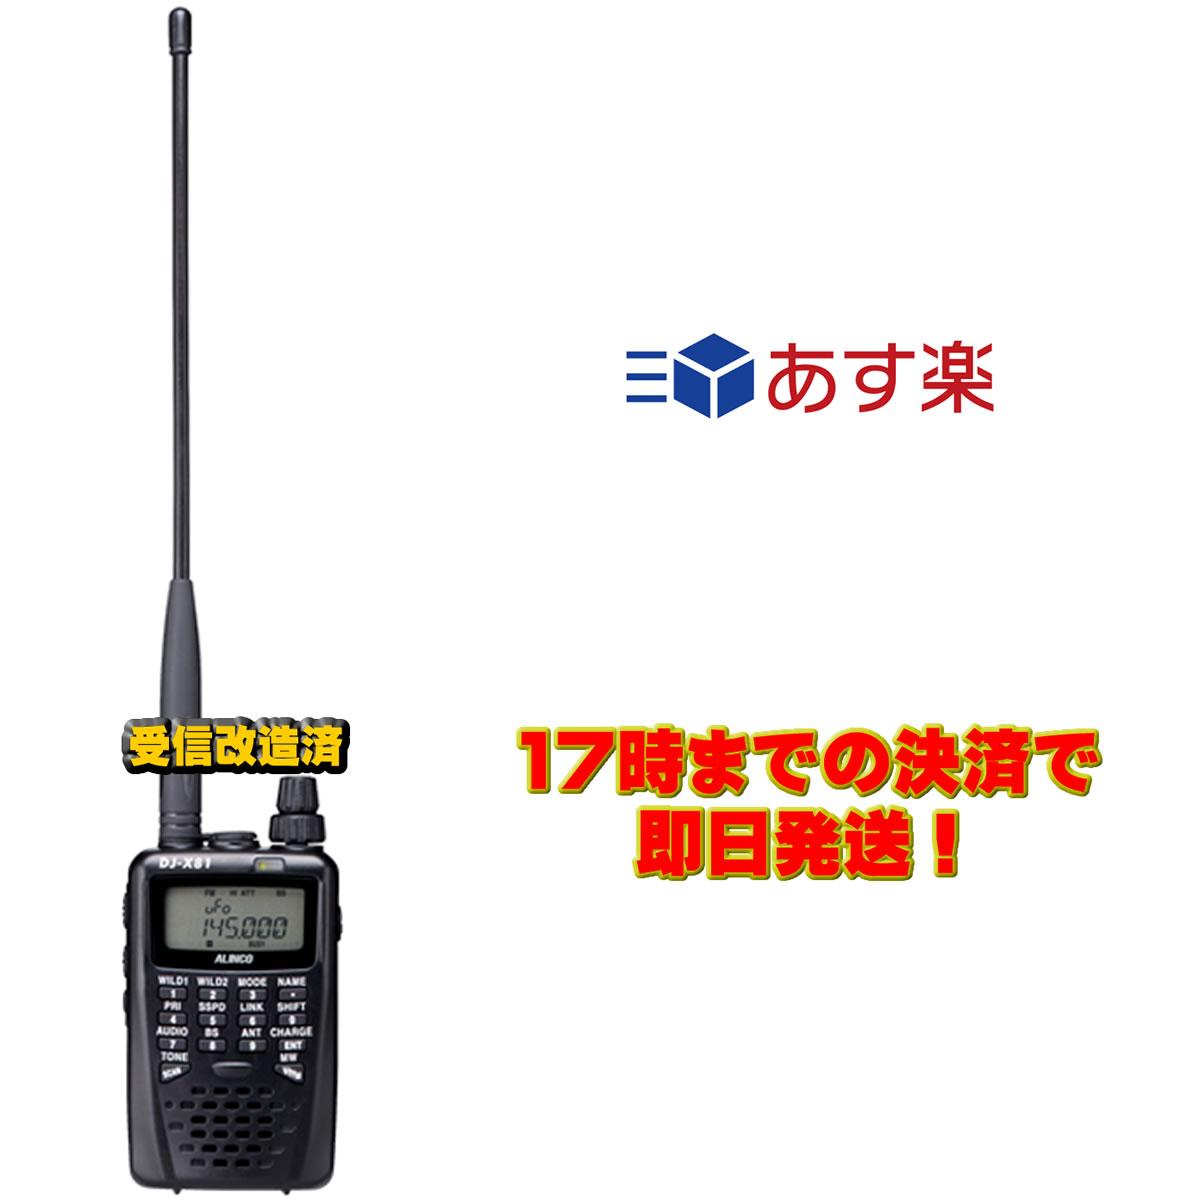 DJ-X81 【受信改造済】 アルインコ 0.1~1300MHz ワンセグTV音声・EWS受信対応レシーバー